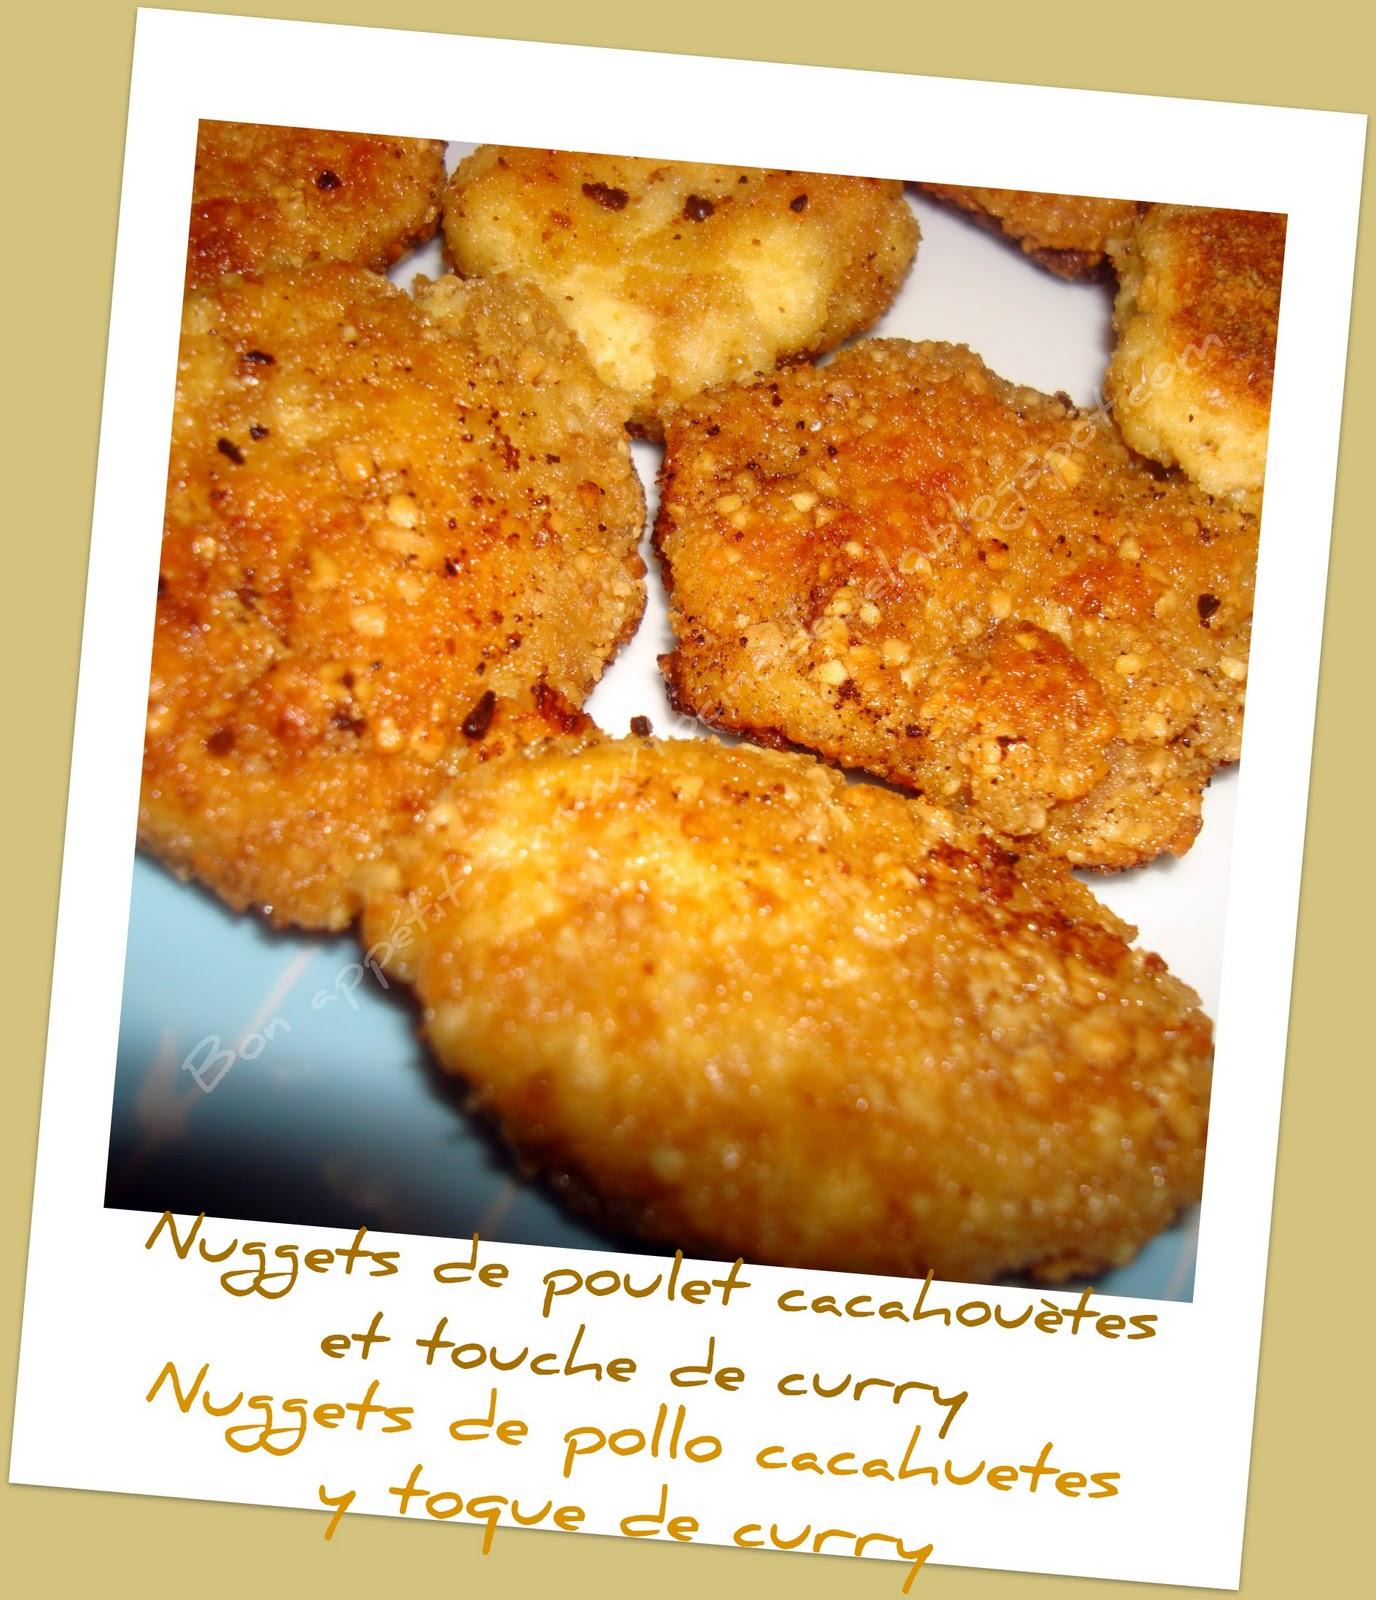 Nuggets De Poulet Maison Recette De Nuggets De Poulet: BON APPETIT: Nuggets De Poulet Cacahuètes Et Touche De